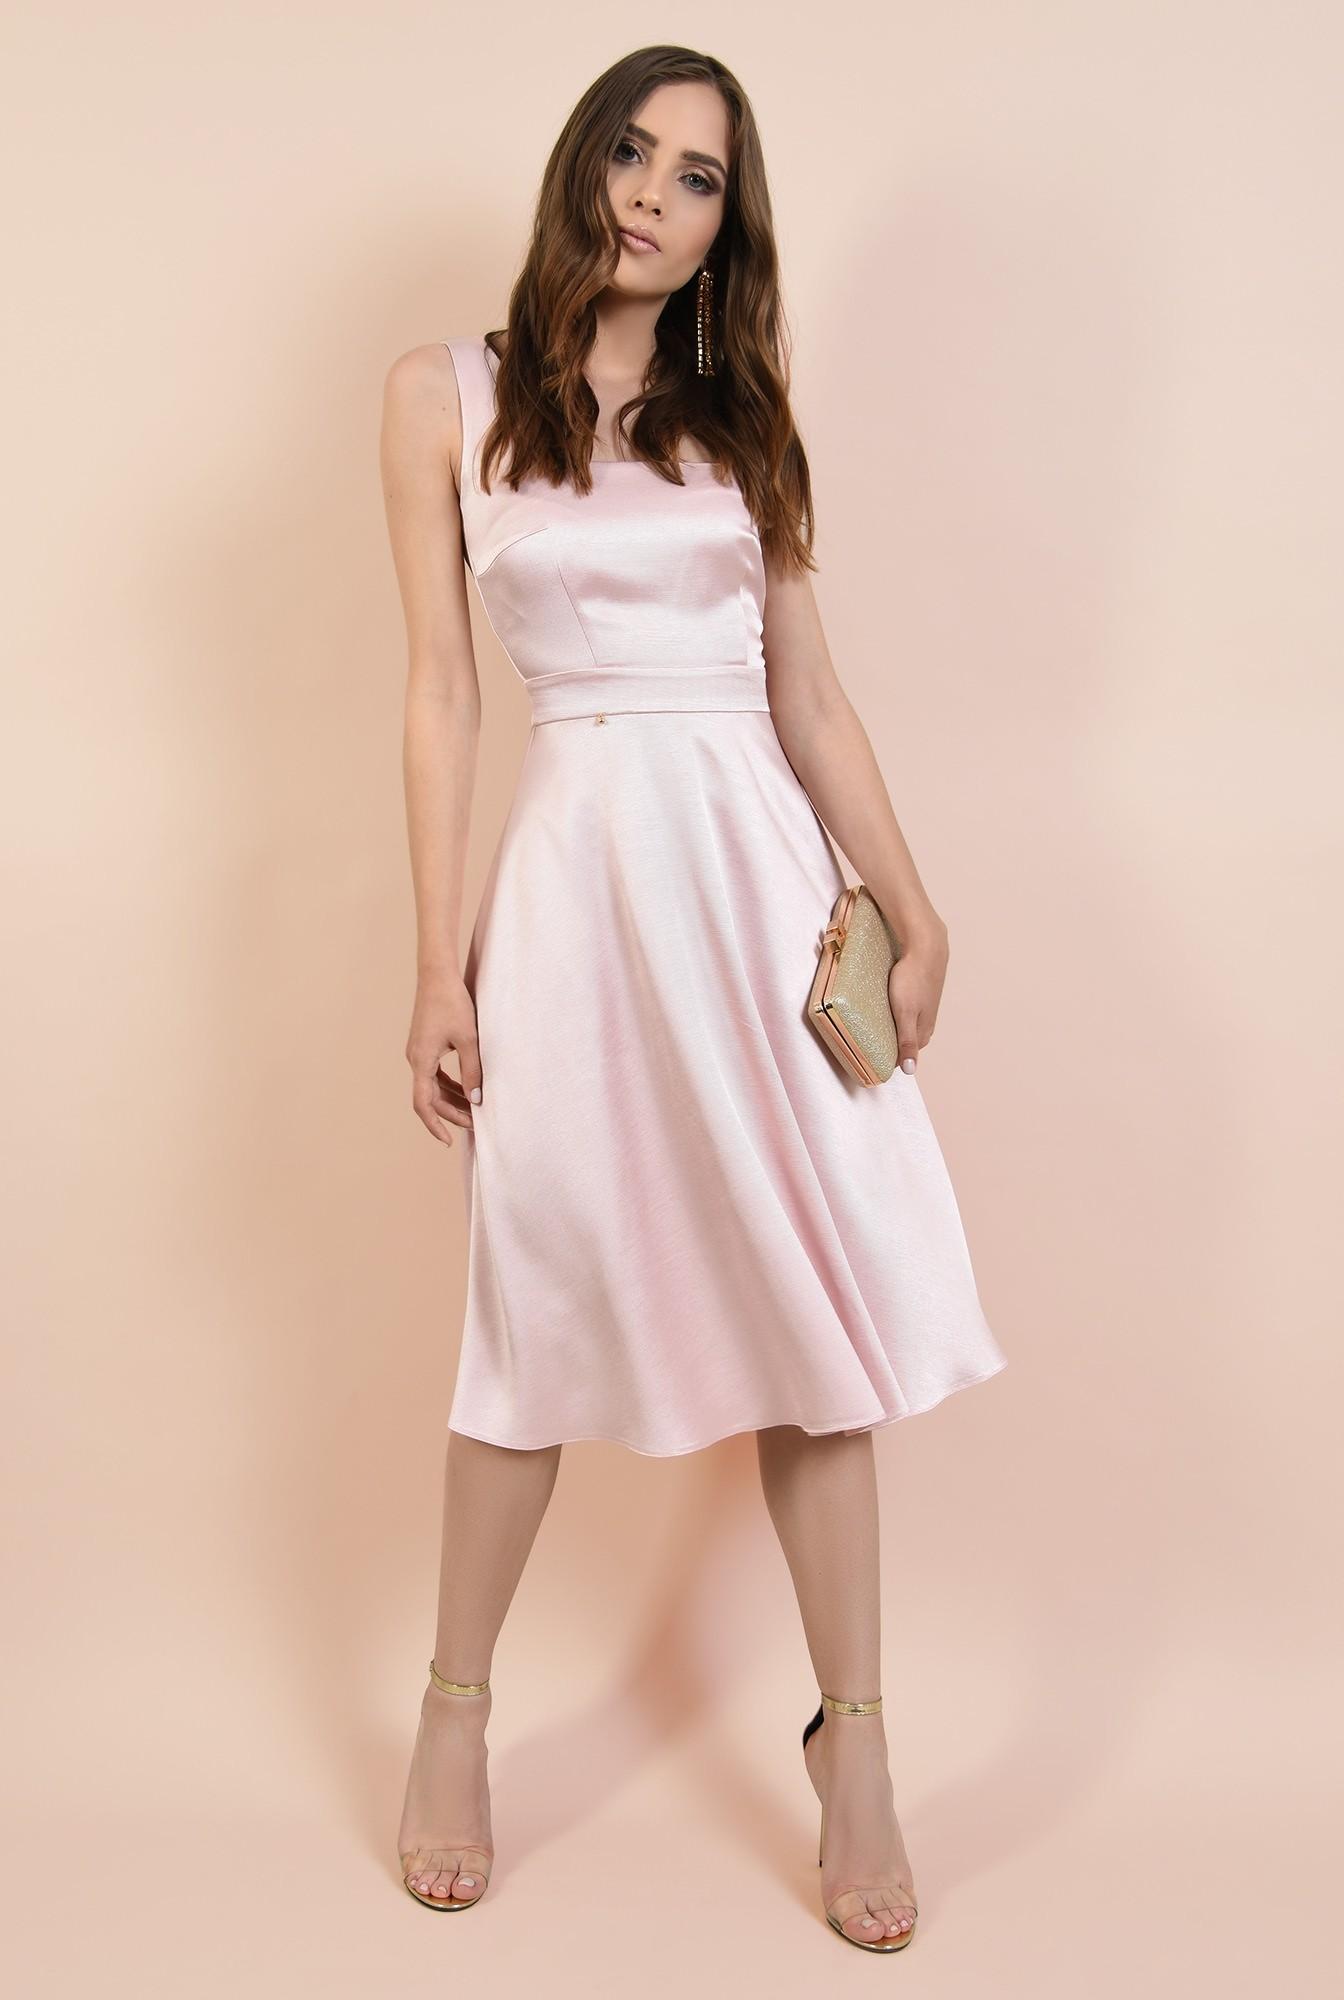 3 - rochie eleganta, cu bretele, croi evazat, inchidere cu fermoar ascuns